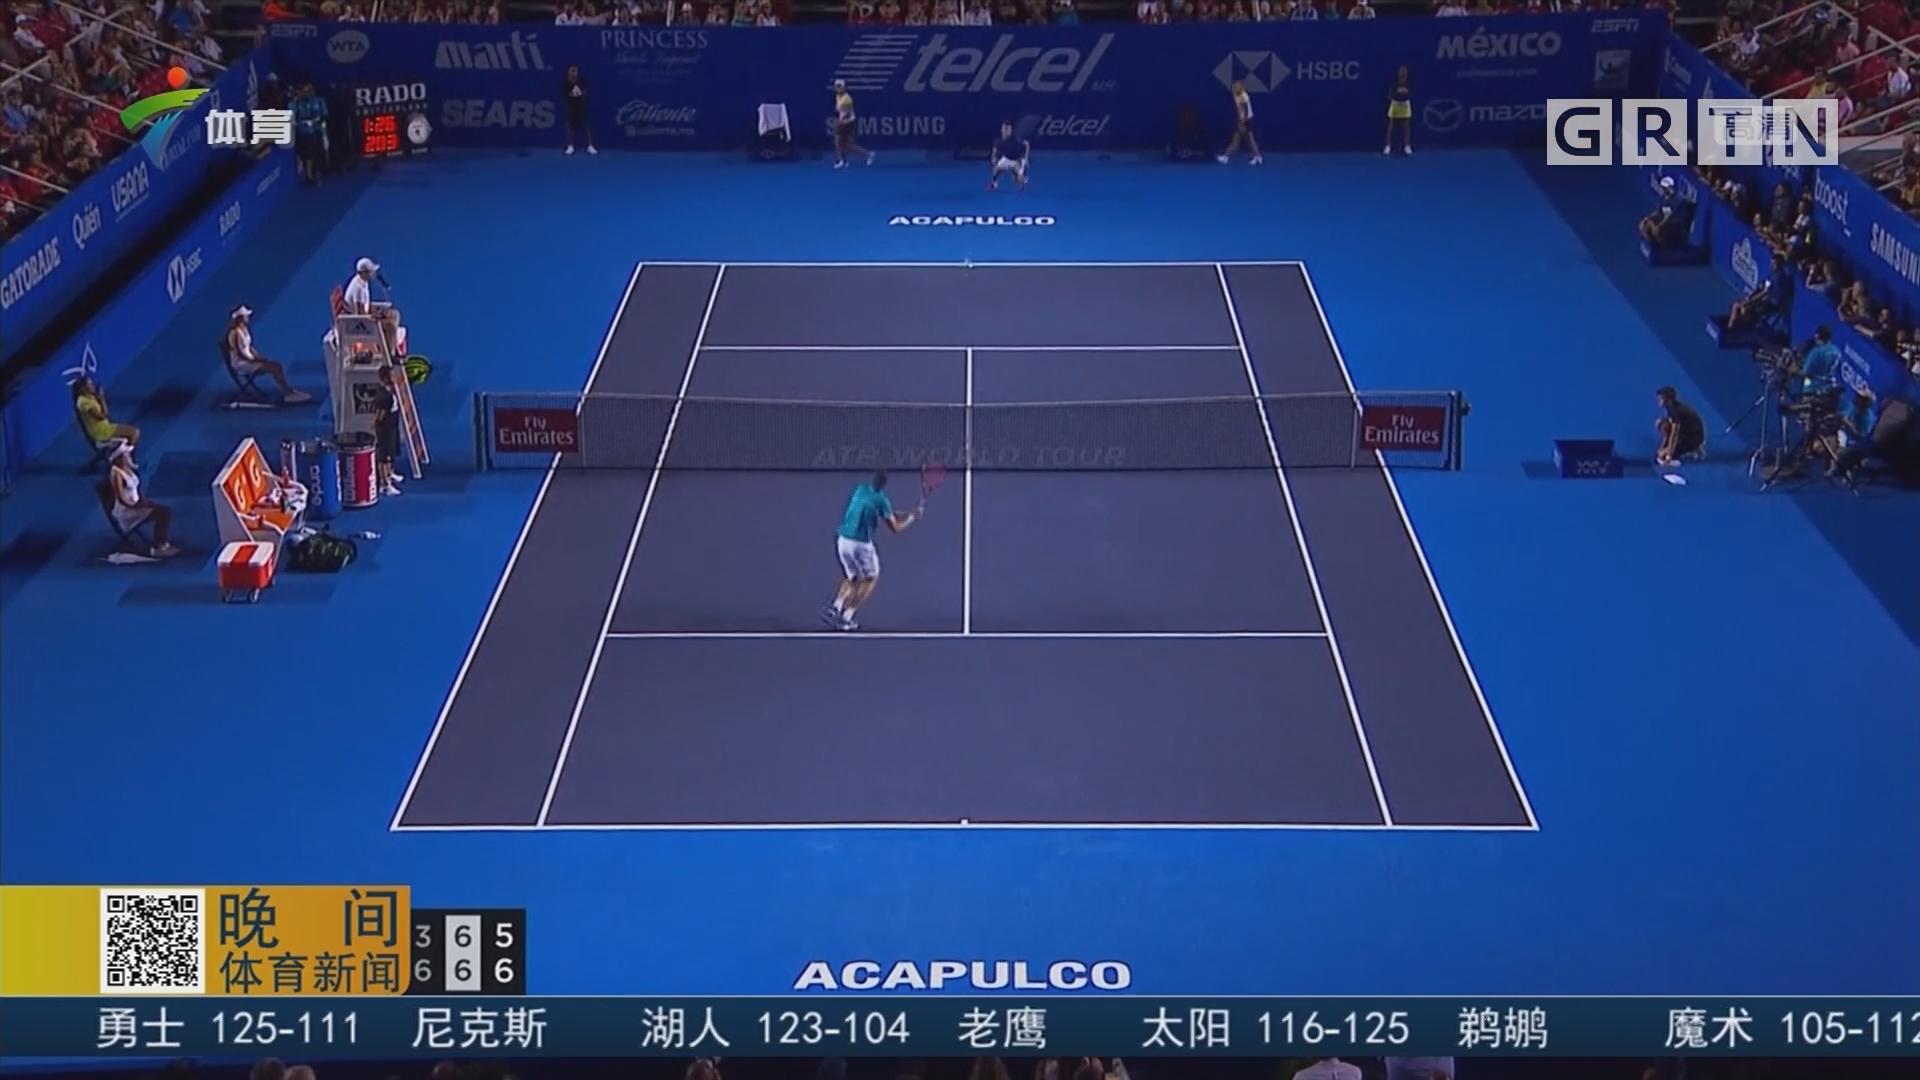 墨西哥网球公开赛 俄罗斯新星卢布列夫首轮不敌对手